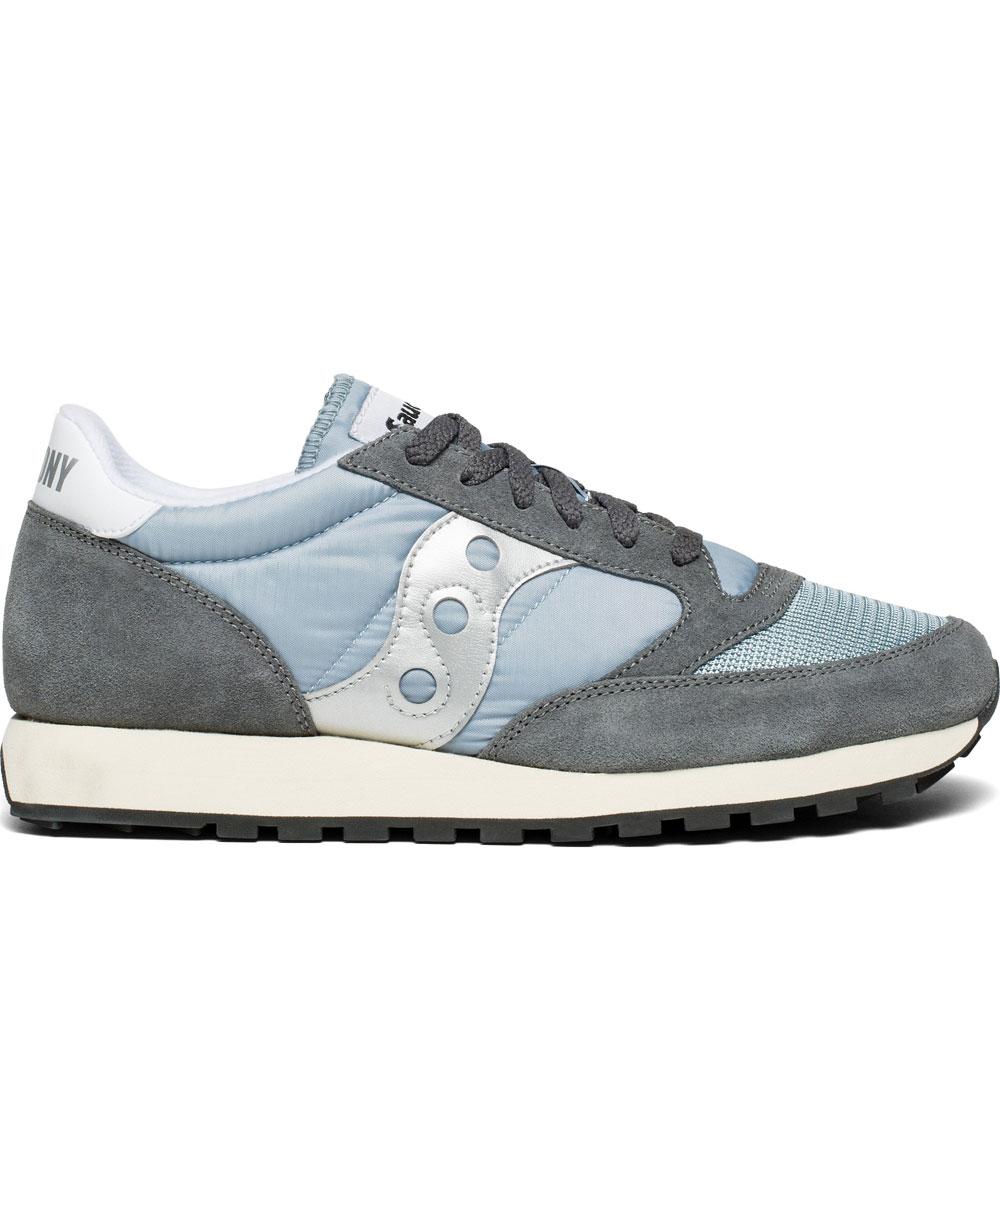 speziell für Schuh 2018 Schuhe guter Service grey schuhe